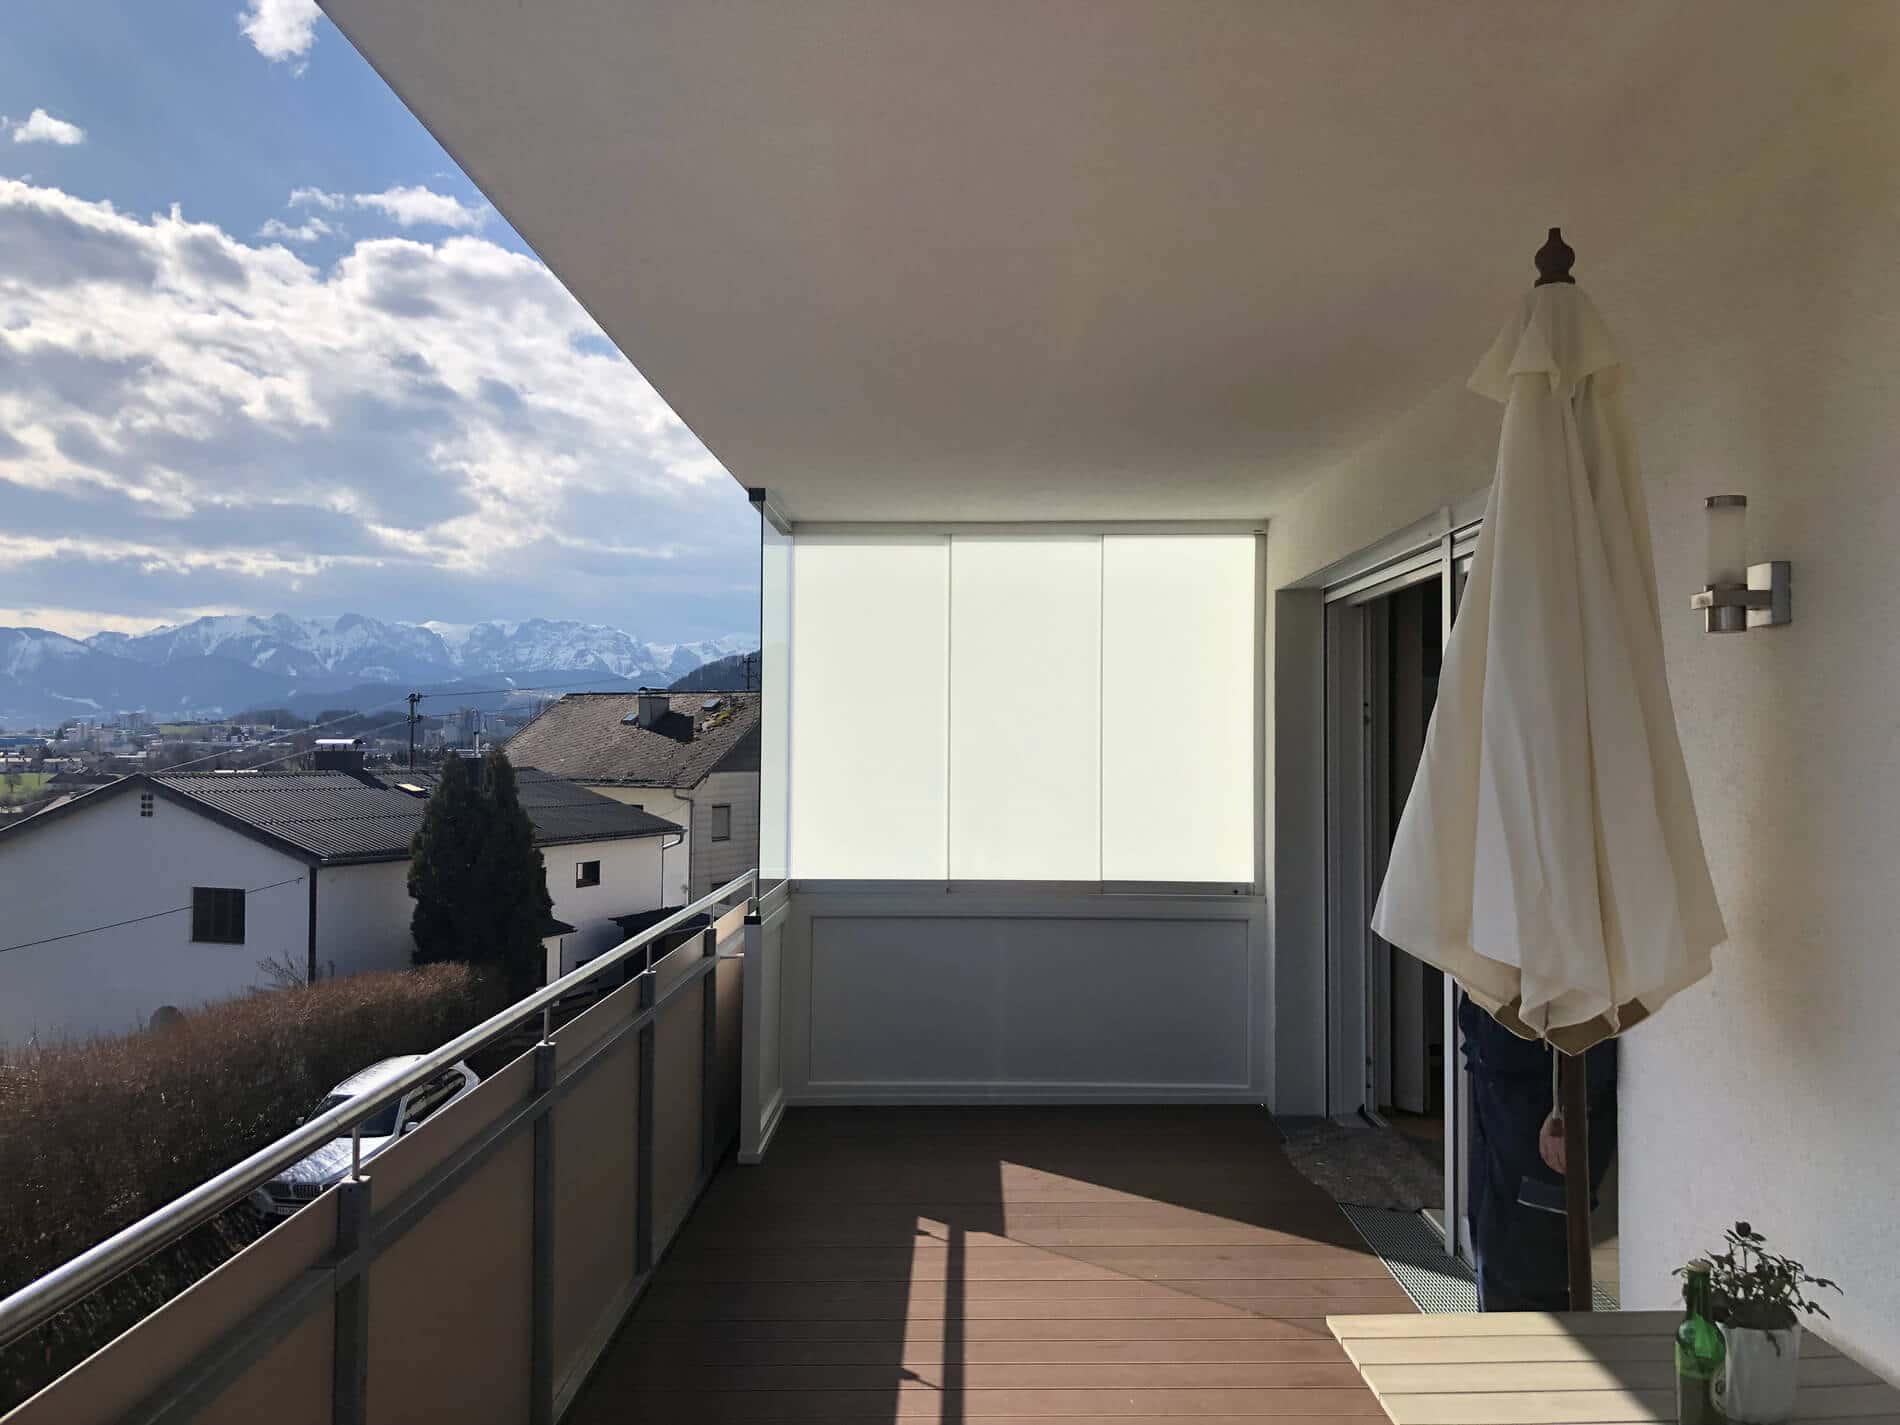 Balkonverglasungen mit Milchglas als Sichtschutz